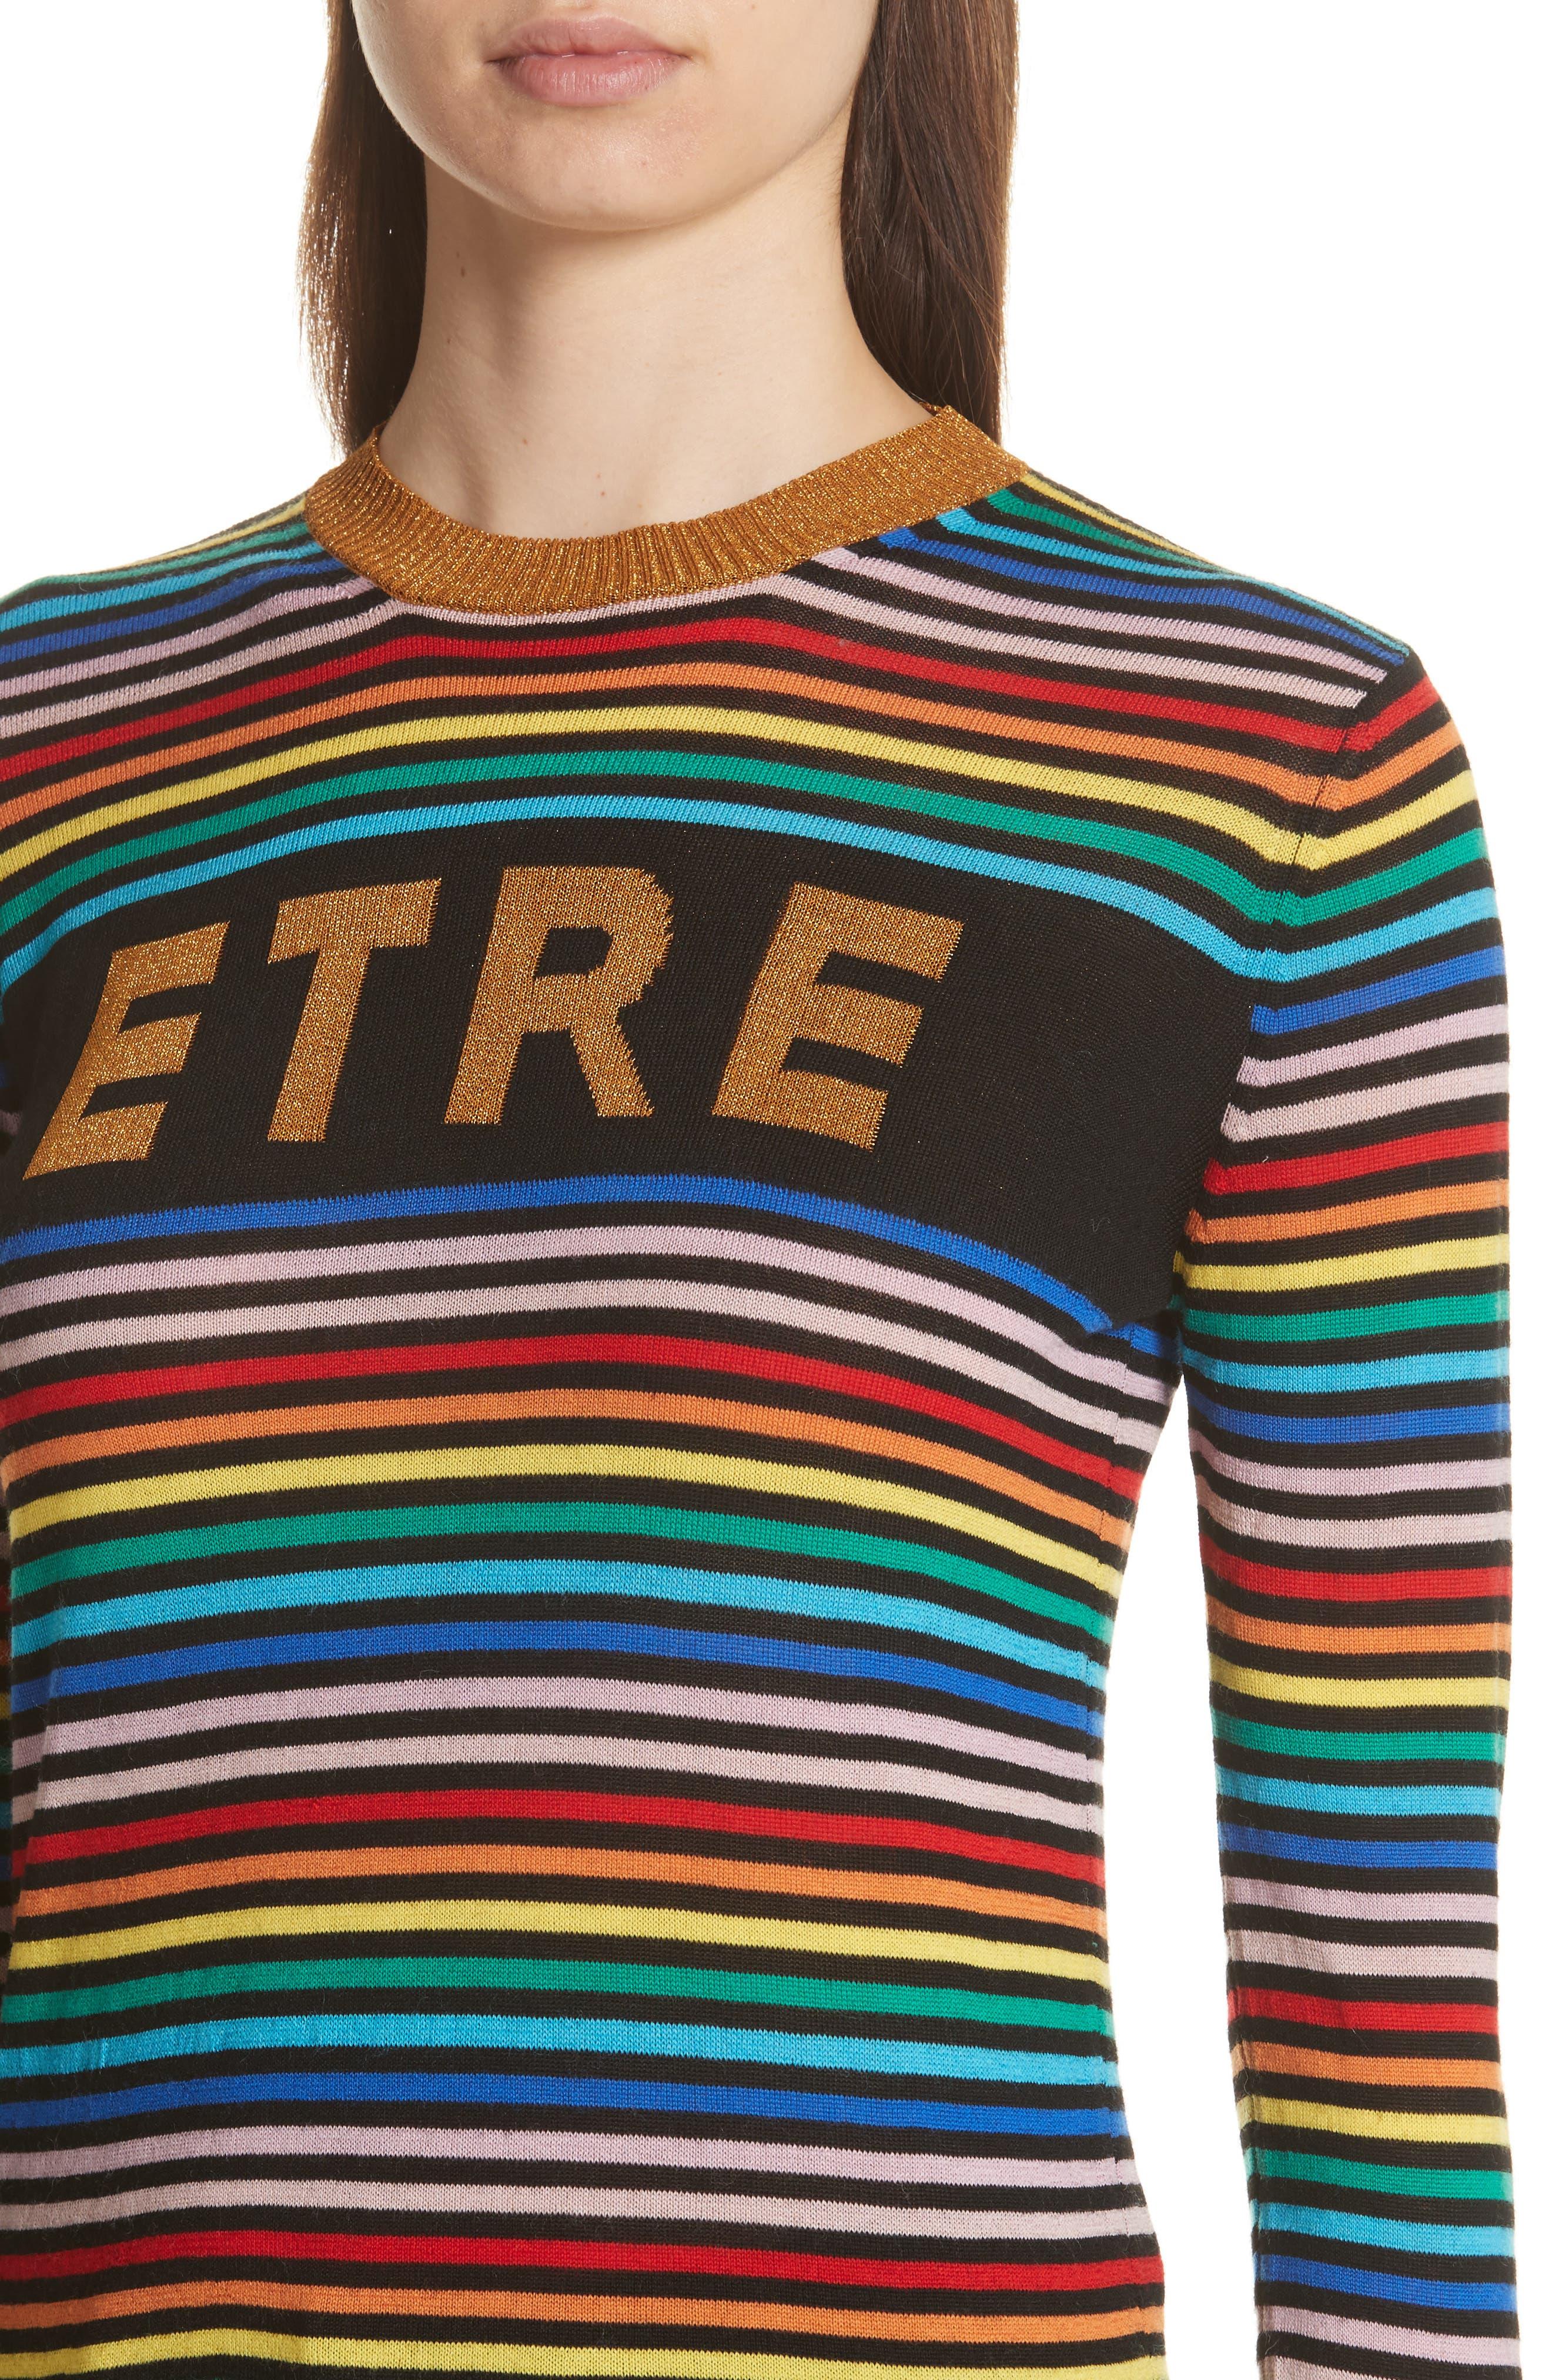 être cécile Stripe Knit Boyfriend Sweater,                             Alternate thumbnail 4, color,                             001